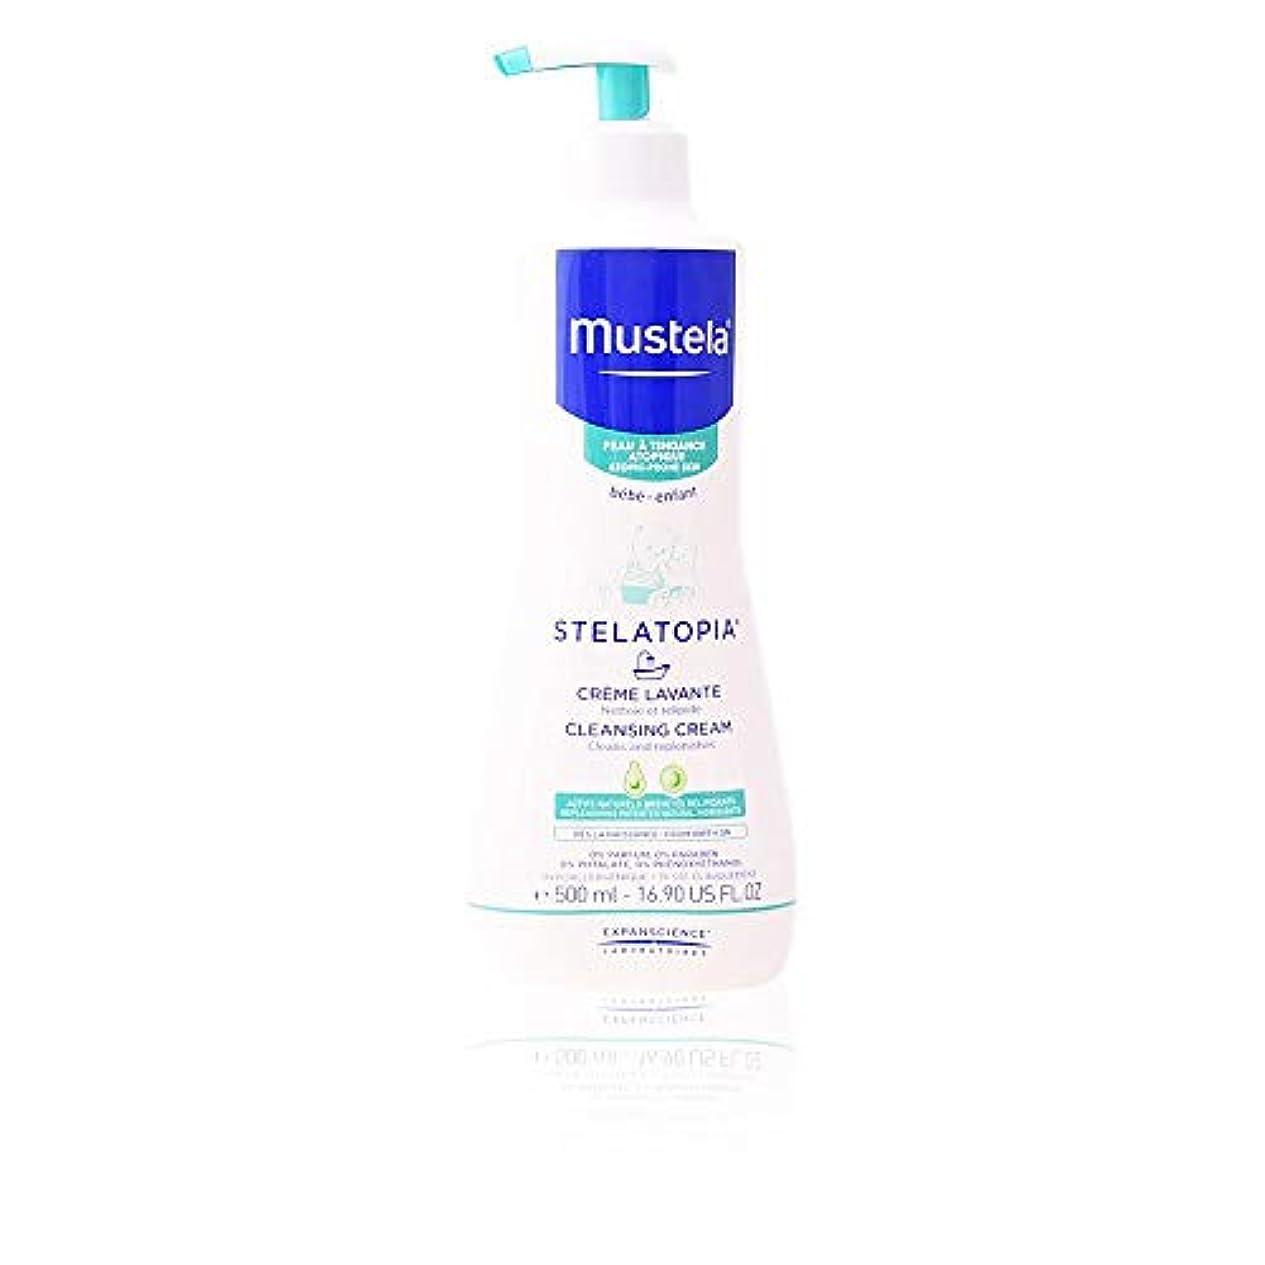 思春期リファイン昆虫を見るムステラ Stelatopia Cleansing Cream - For Atopic-Prone Skin 500ml/16.9oz並行輸入品